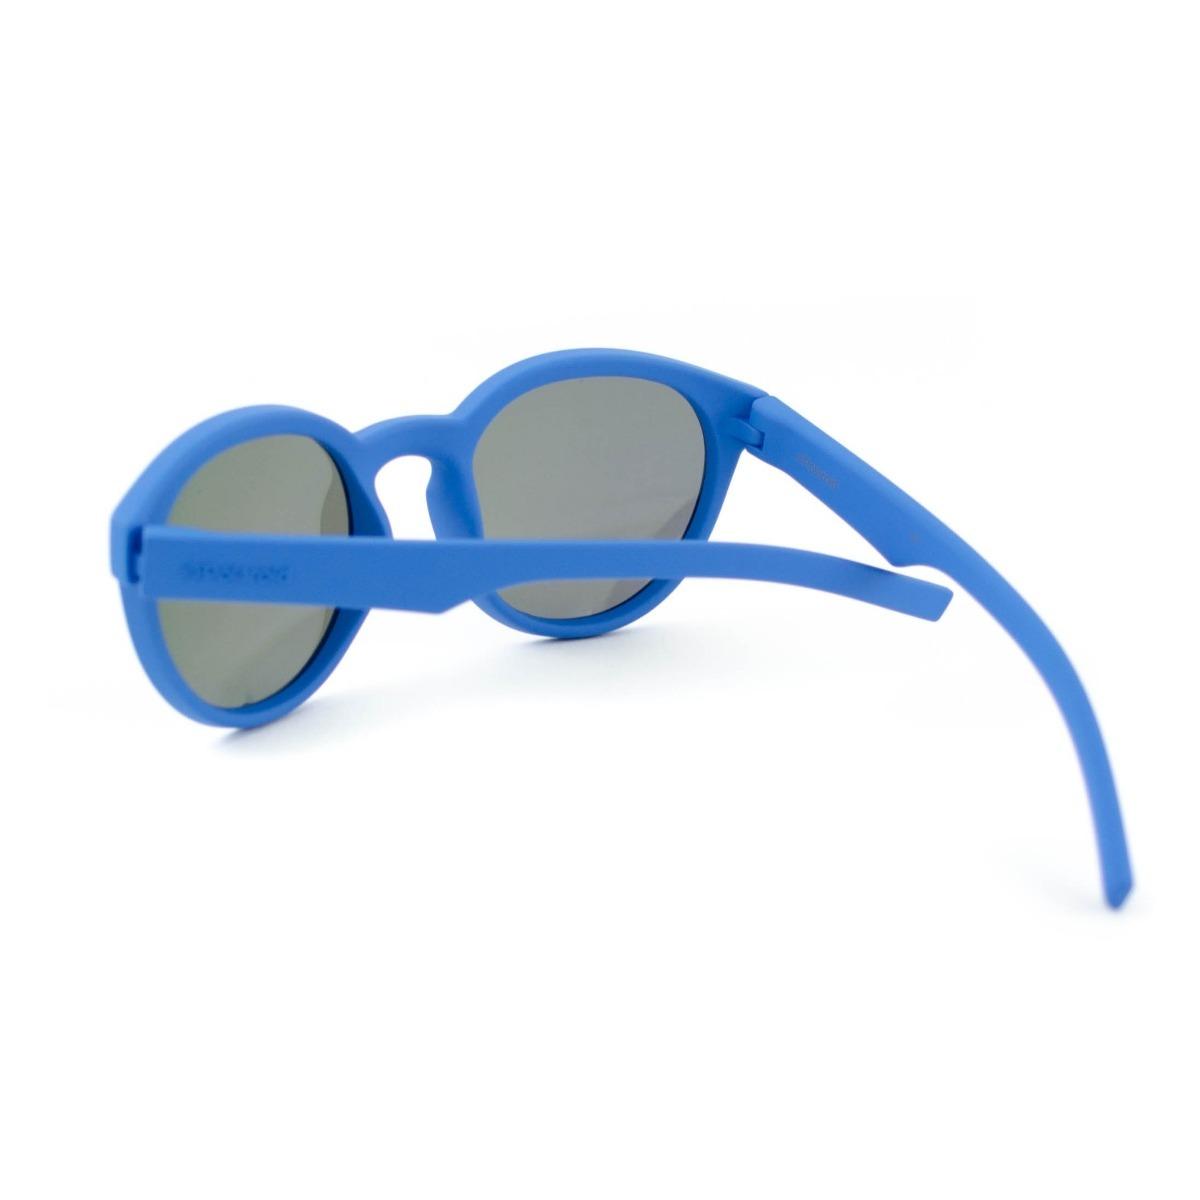 60d6bec1e óculos de sol infantil polaroid kids - pld8019/s zdijy azul. Carregando  zoom.